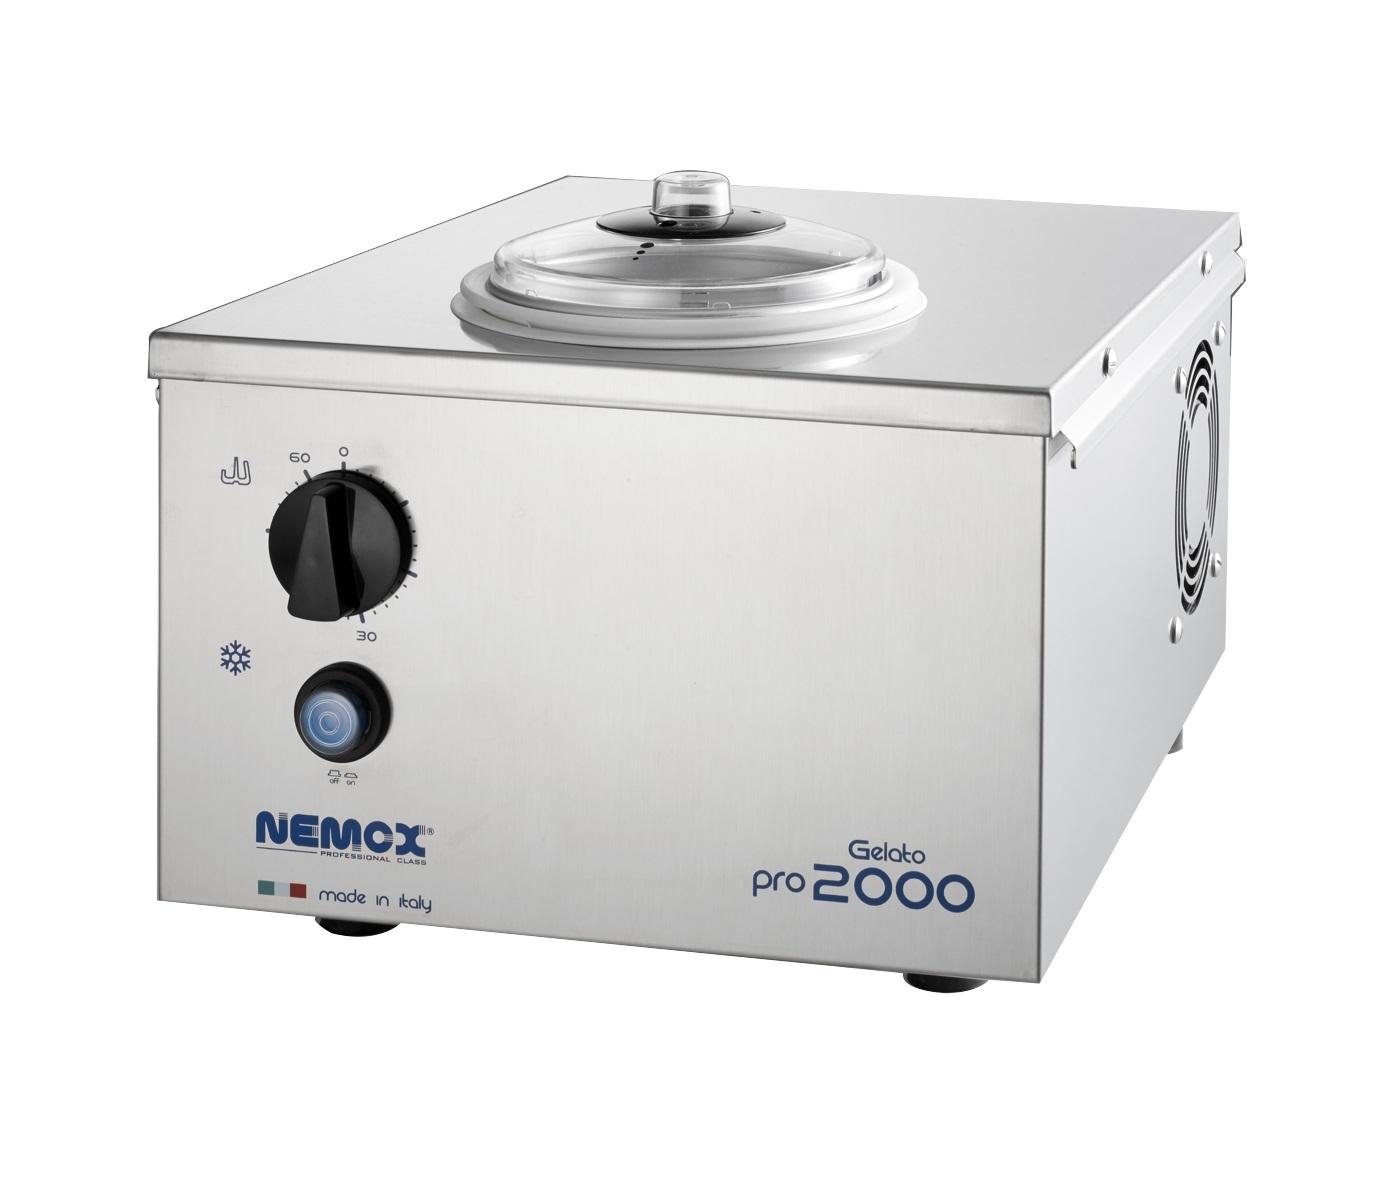 Профессиональный фризер для мороженого Nemox Gelato Pro 2000 серебристый